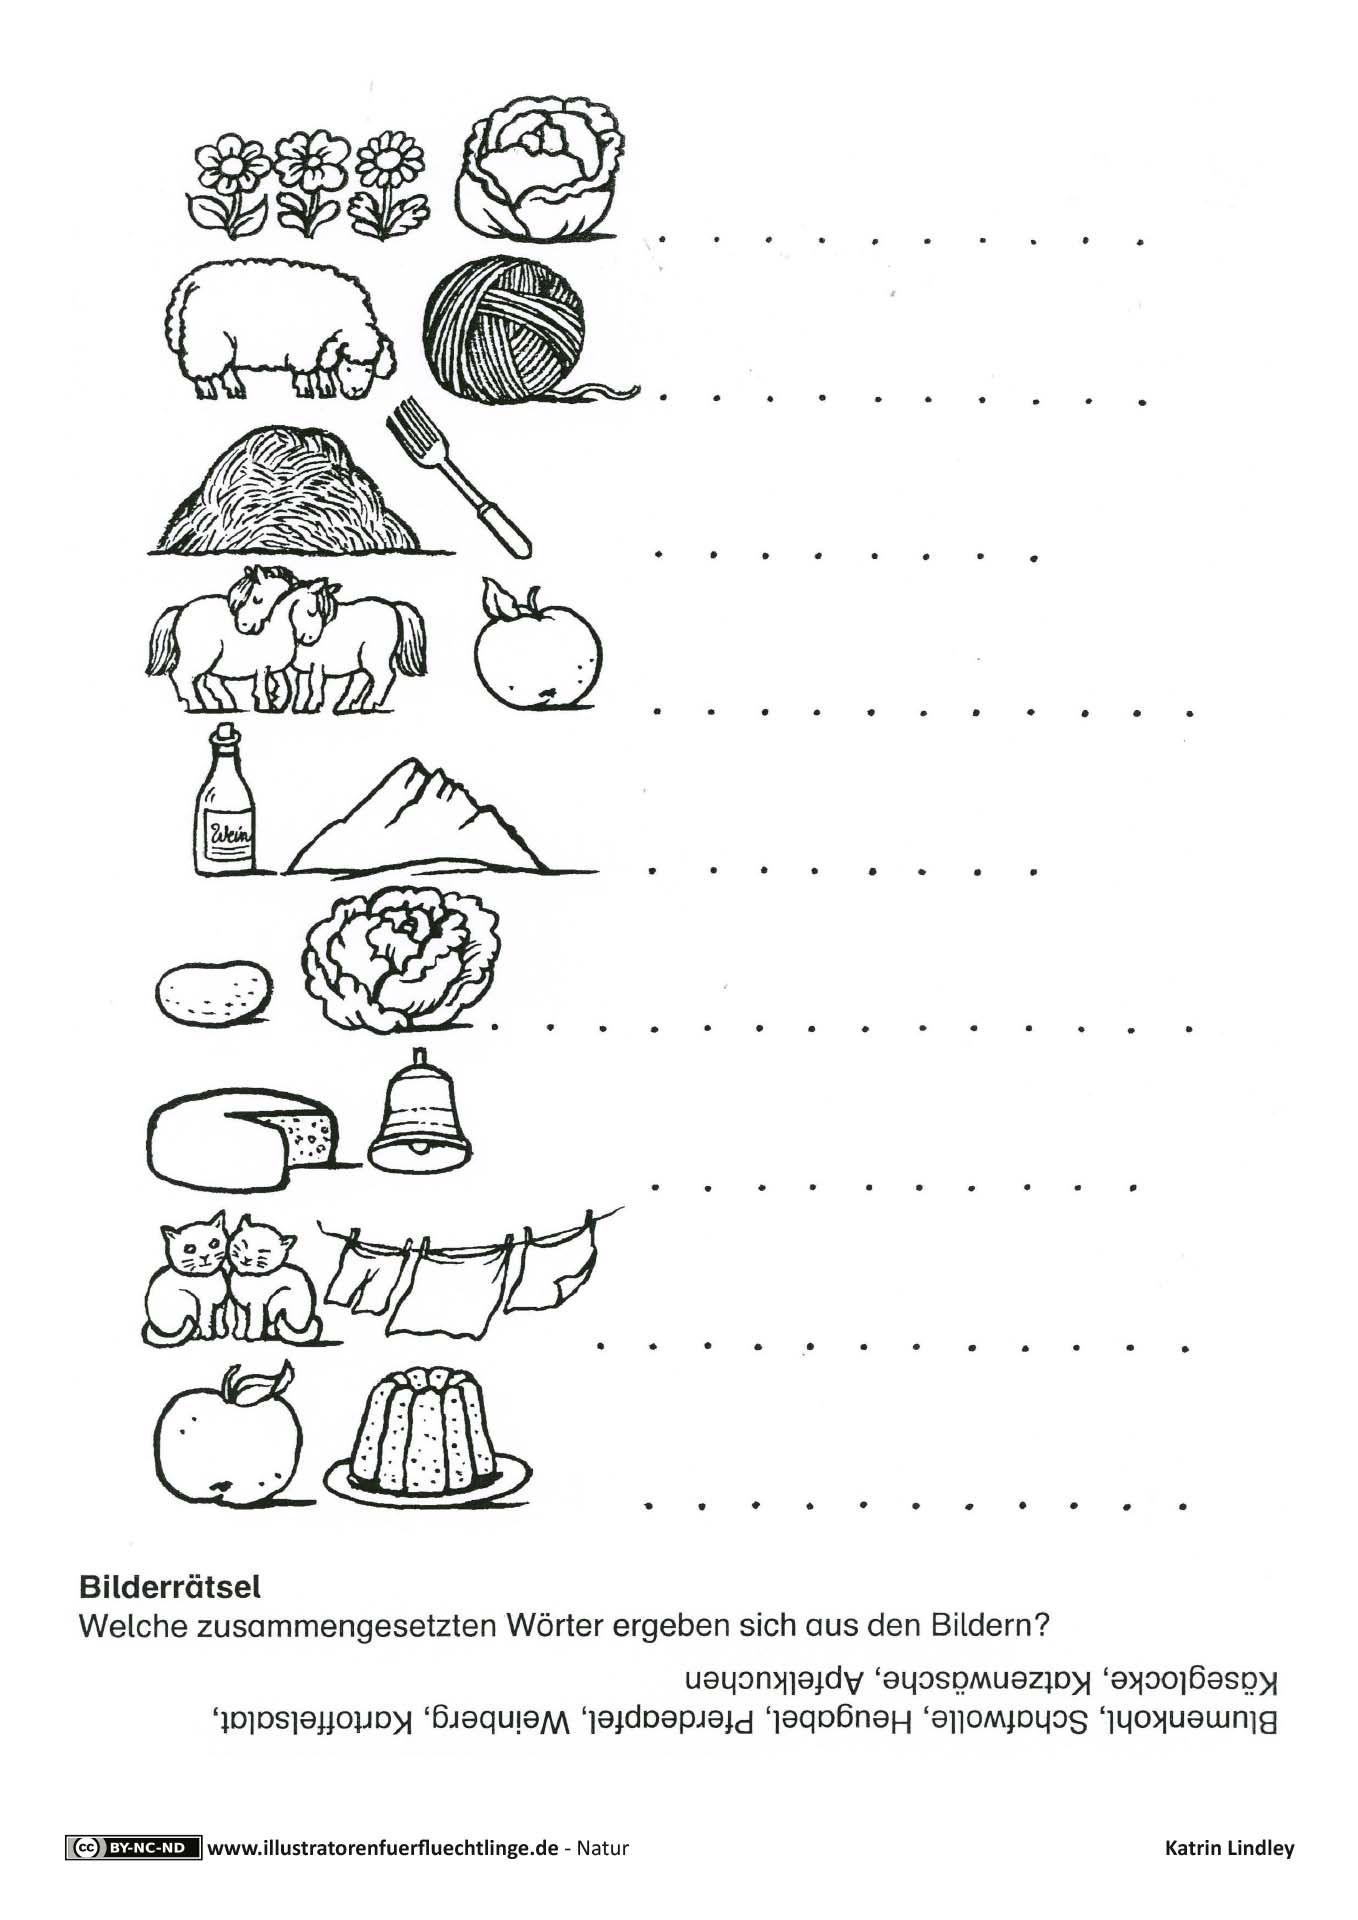 Download Als Pdf Natur Bauernhof Begriffe Bildratsel Lindley Bauernhof Worter Bauer